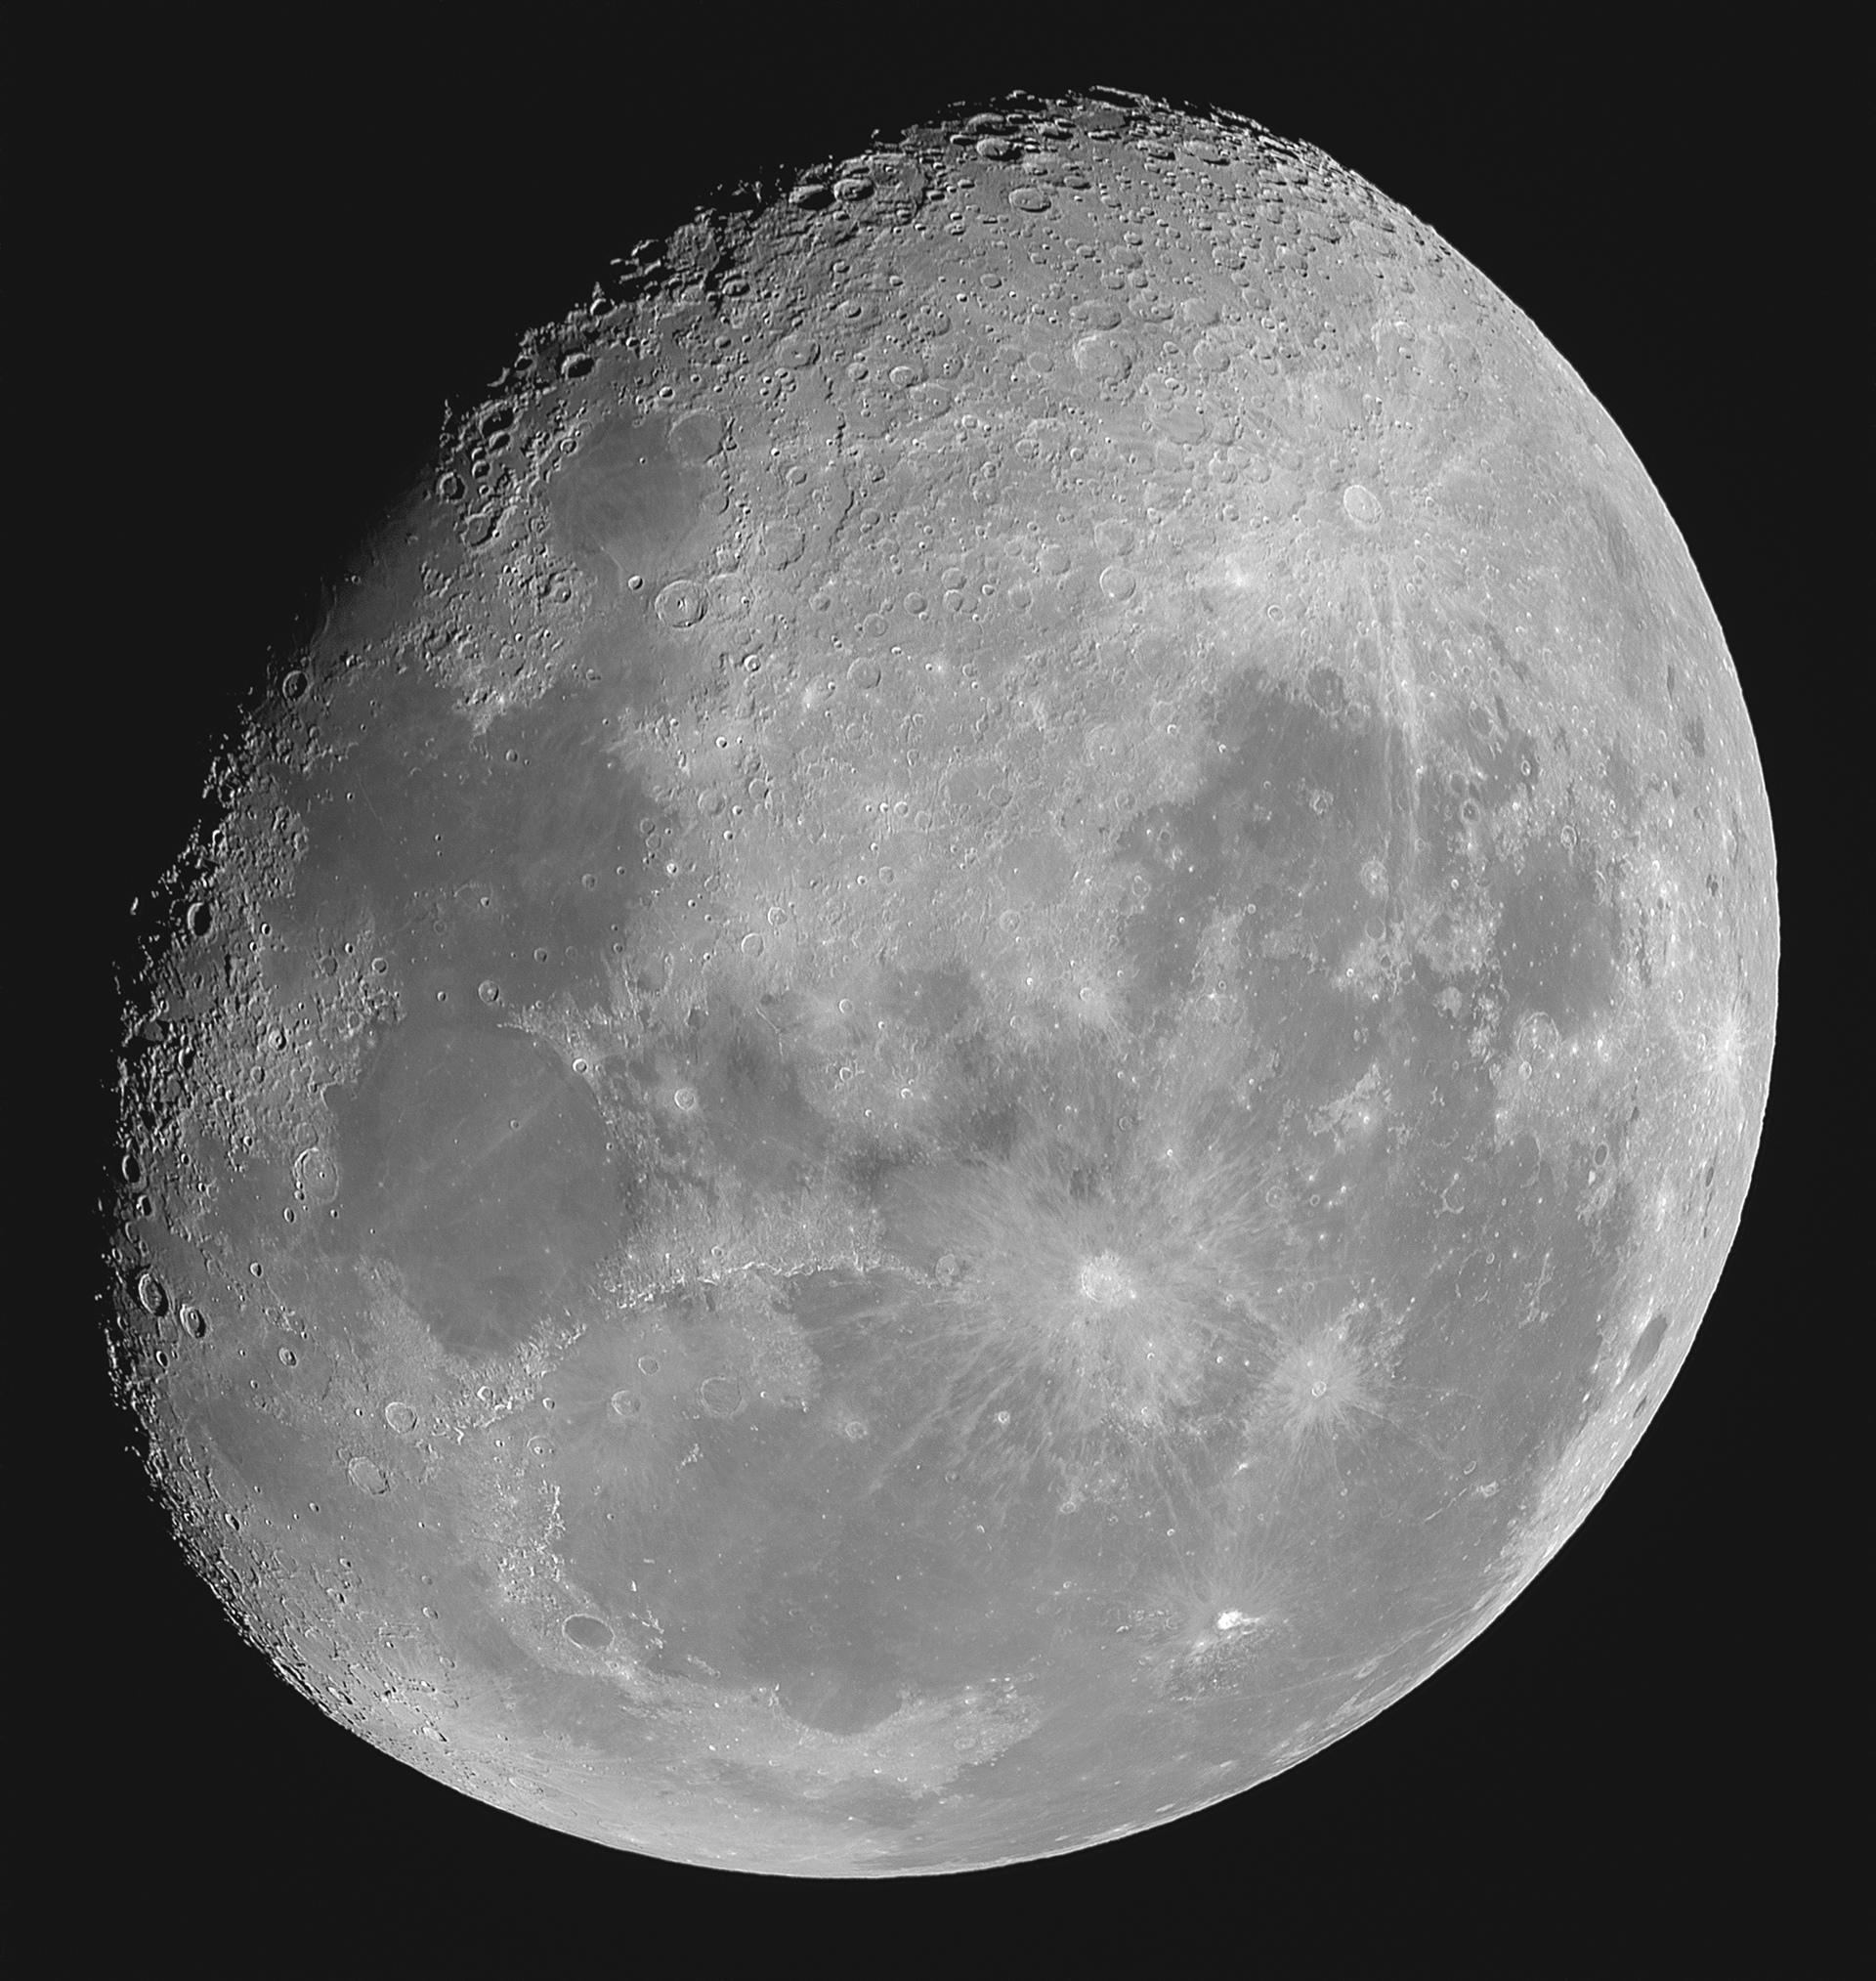 Lune 7 décembre 2017 Tamron150-600 x2